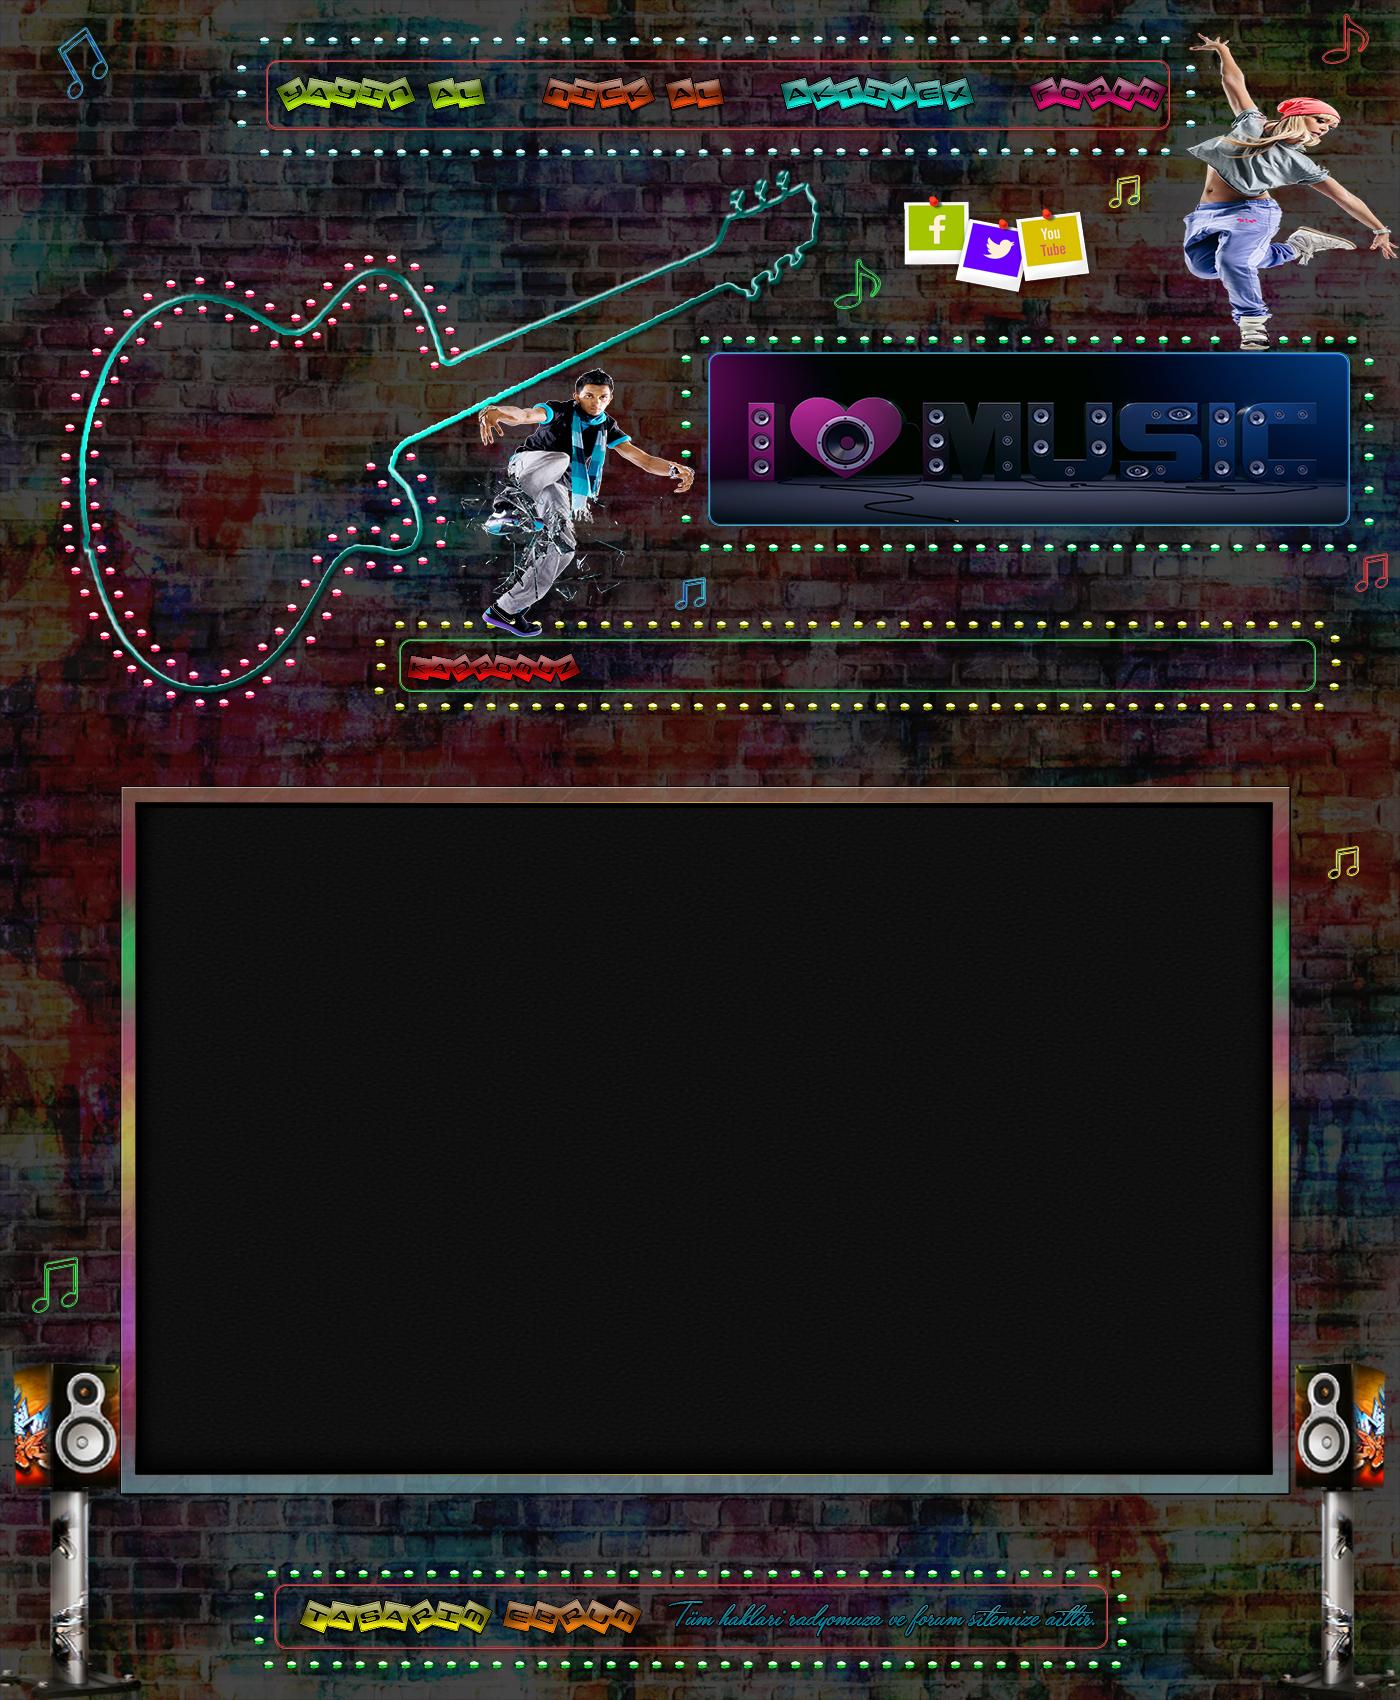 Renkli Şeffaf Gitar ve Dans Müzik Radyo İndex [1000x650 Boyutunda]